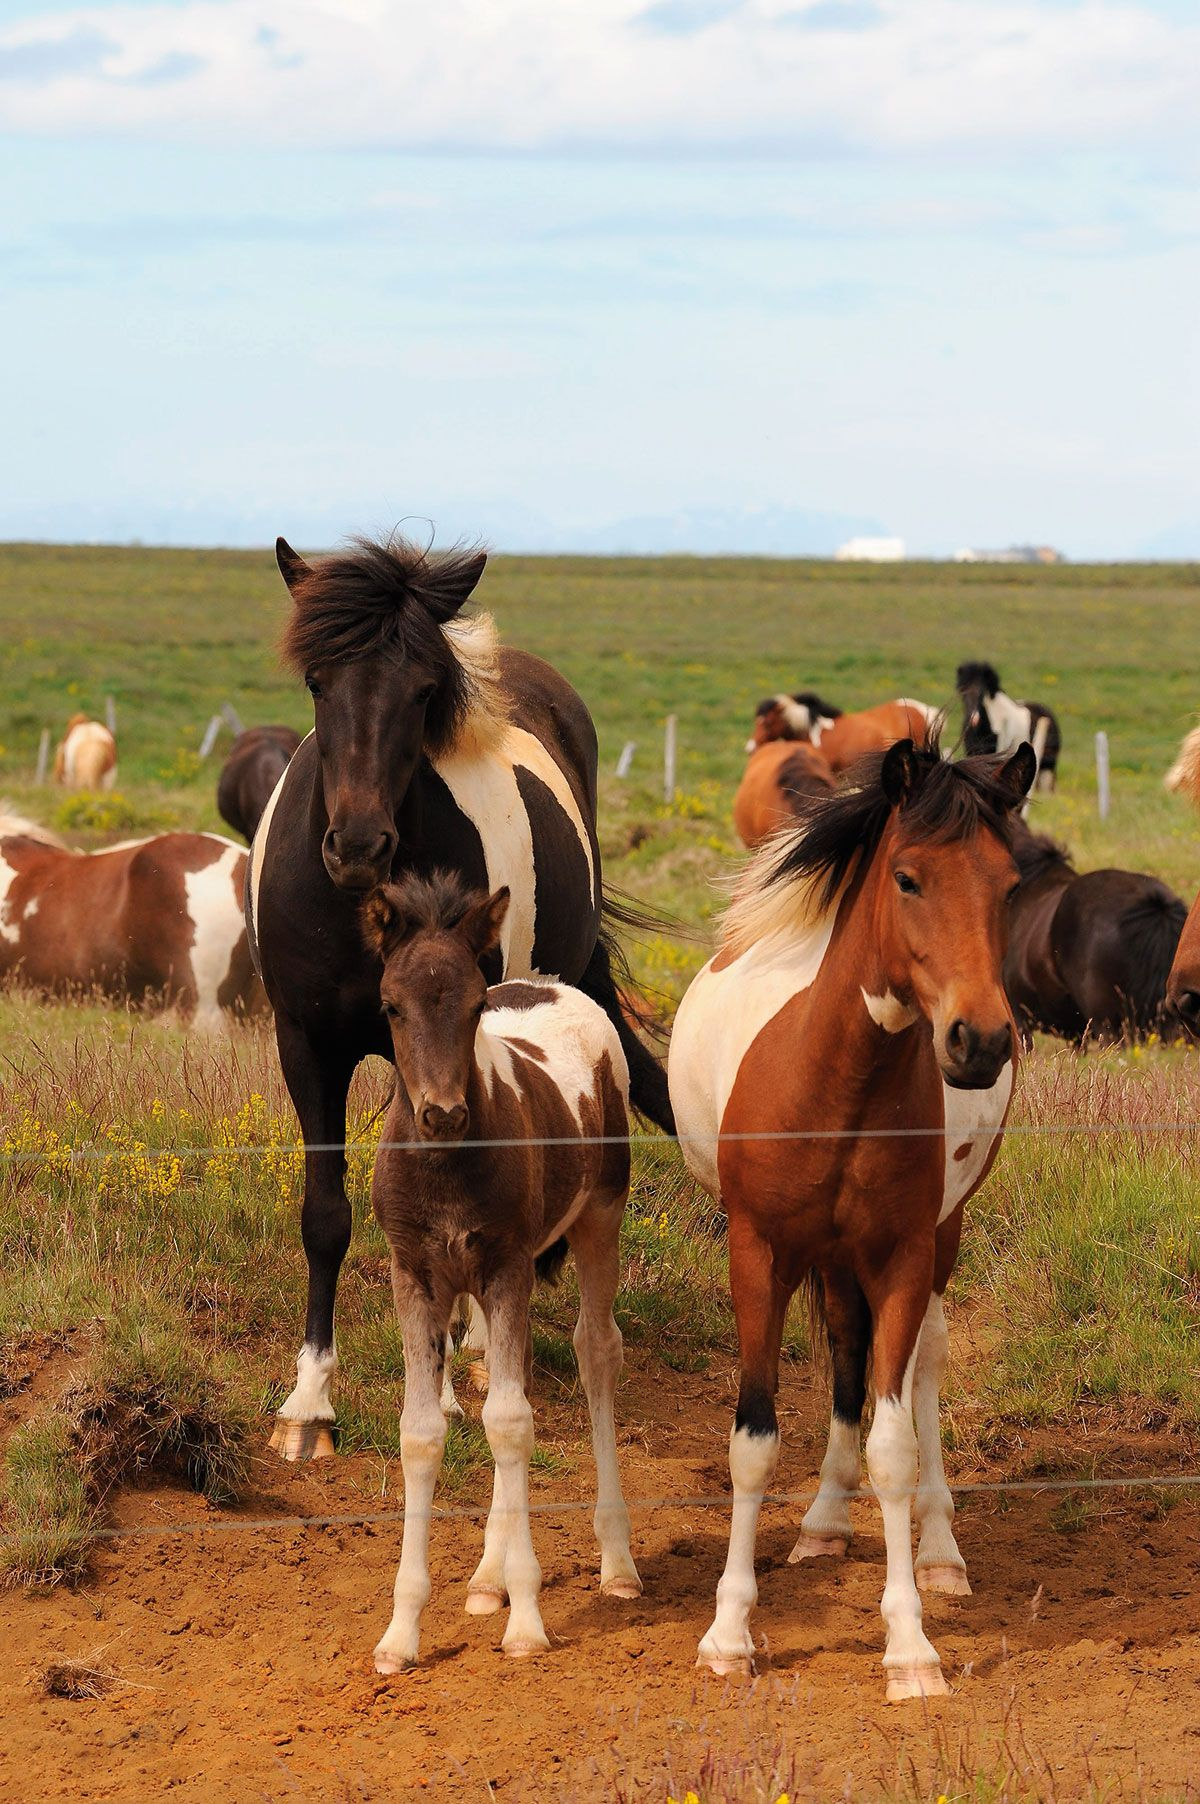 Pienikokoinen, vahva isalnninhevonen on maailman vanhimpia hevosrotuja. Ratsain tehdyt vaellusmatkat ovat maassa suosittuja, mutta hevosen selkään pääsee myös Reykjavikin ympäristössä.